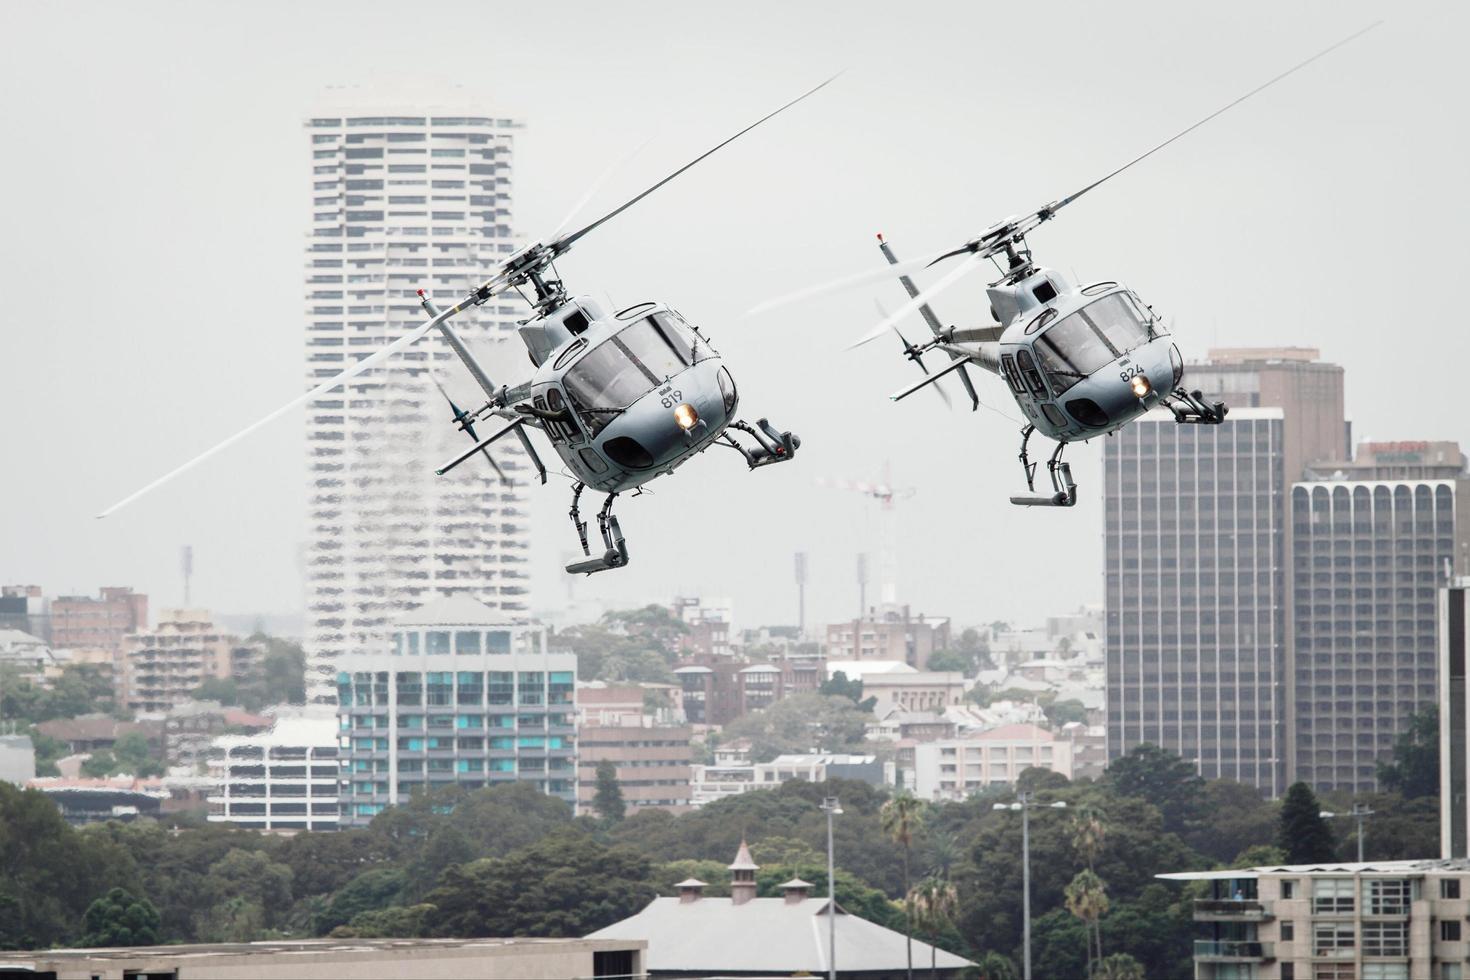 Sydney, Australie, 2020 - deux hélicoptères volant dans la ville photo